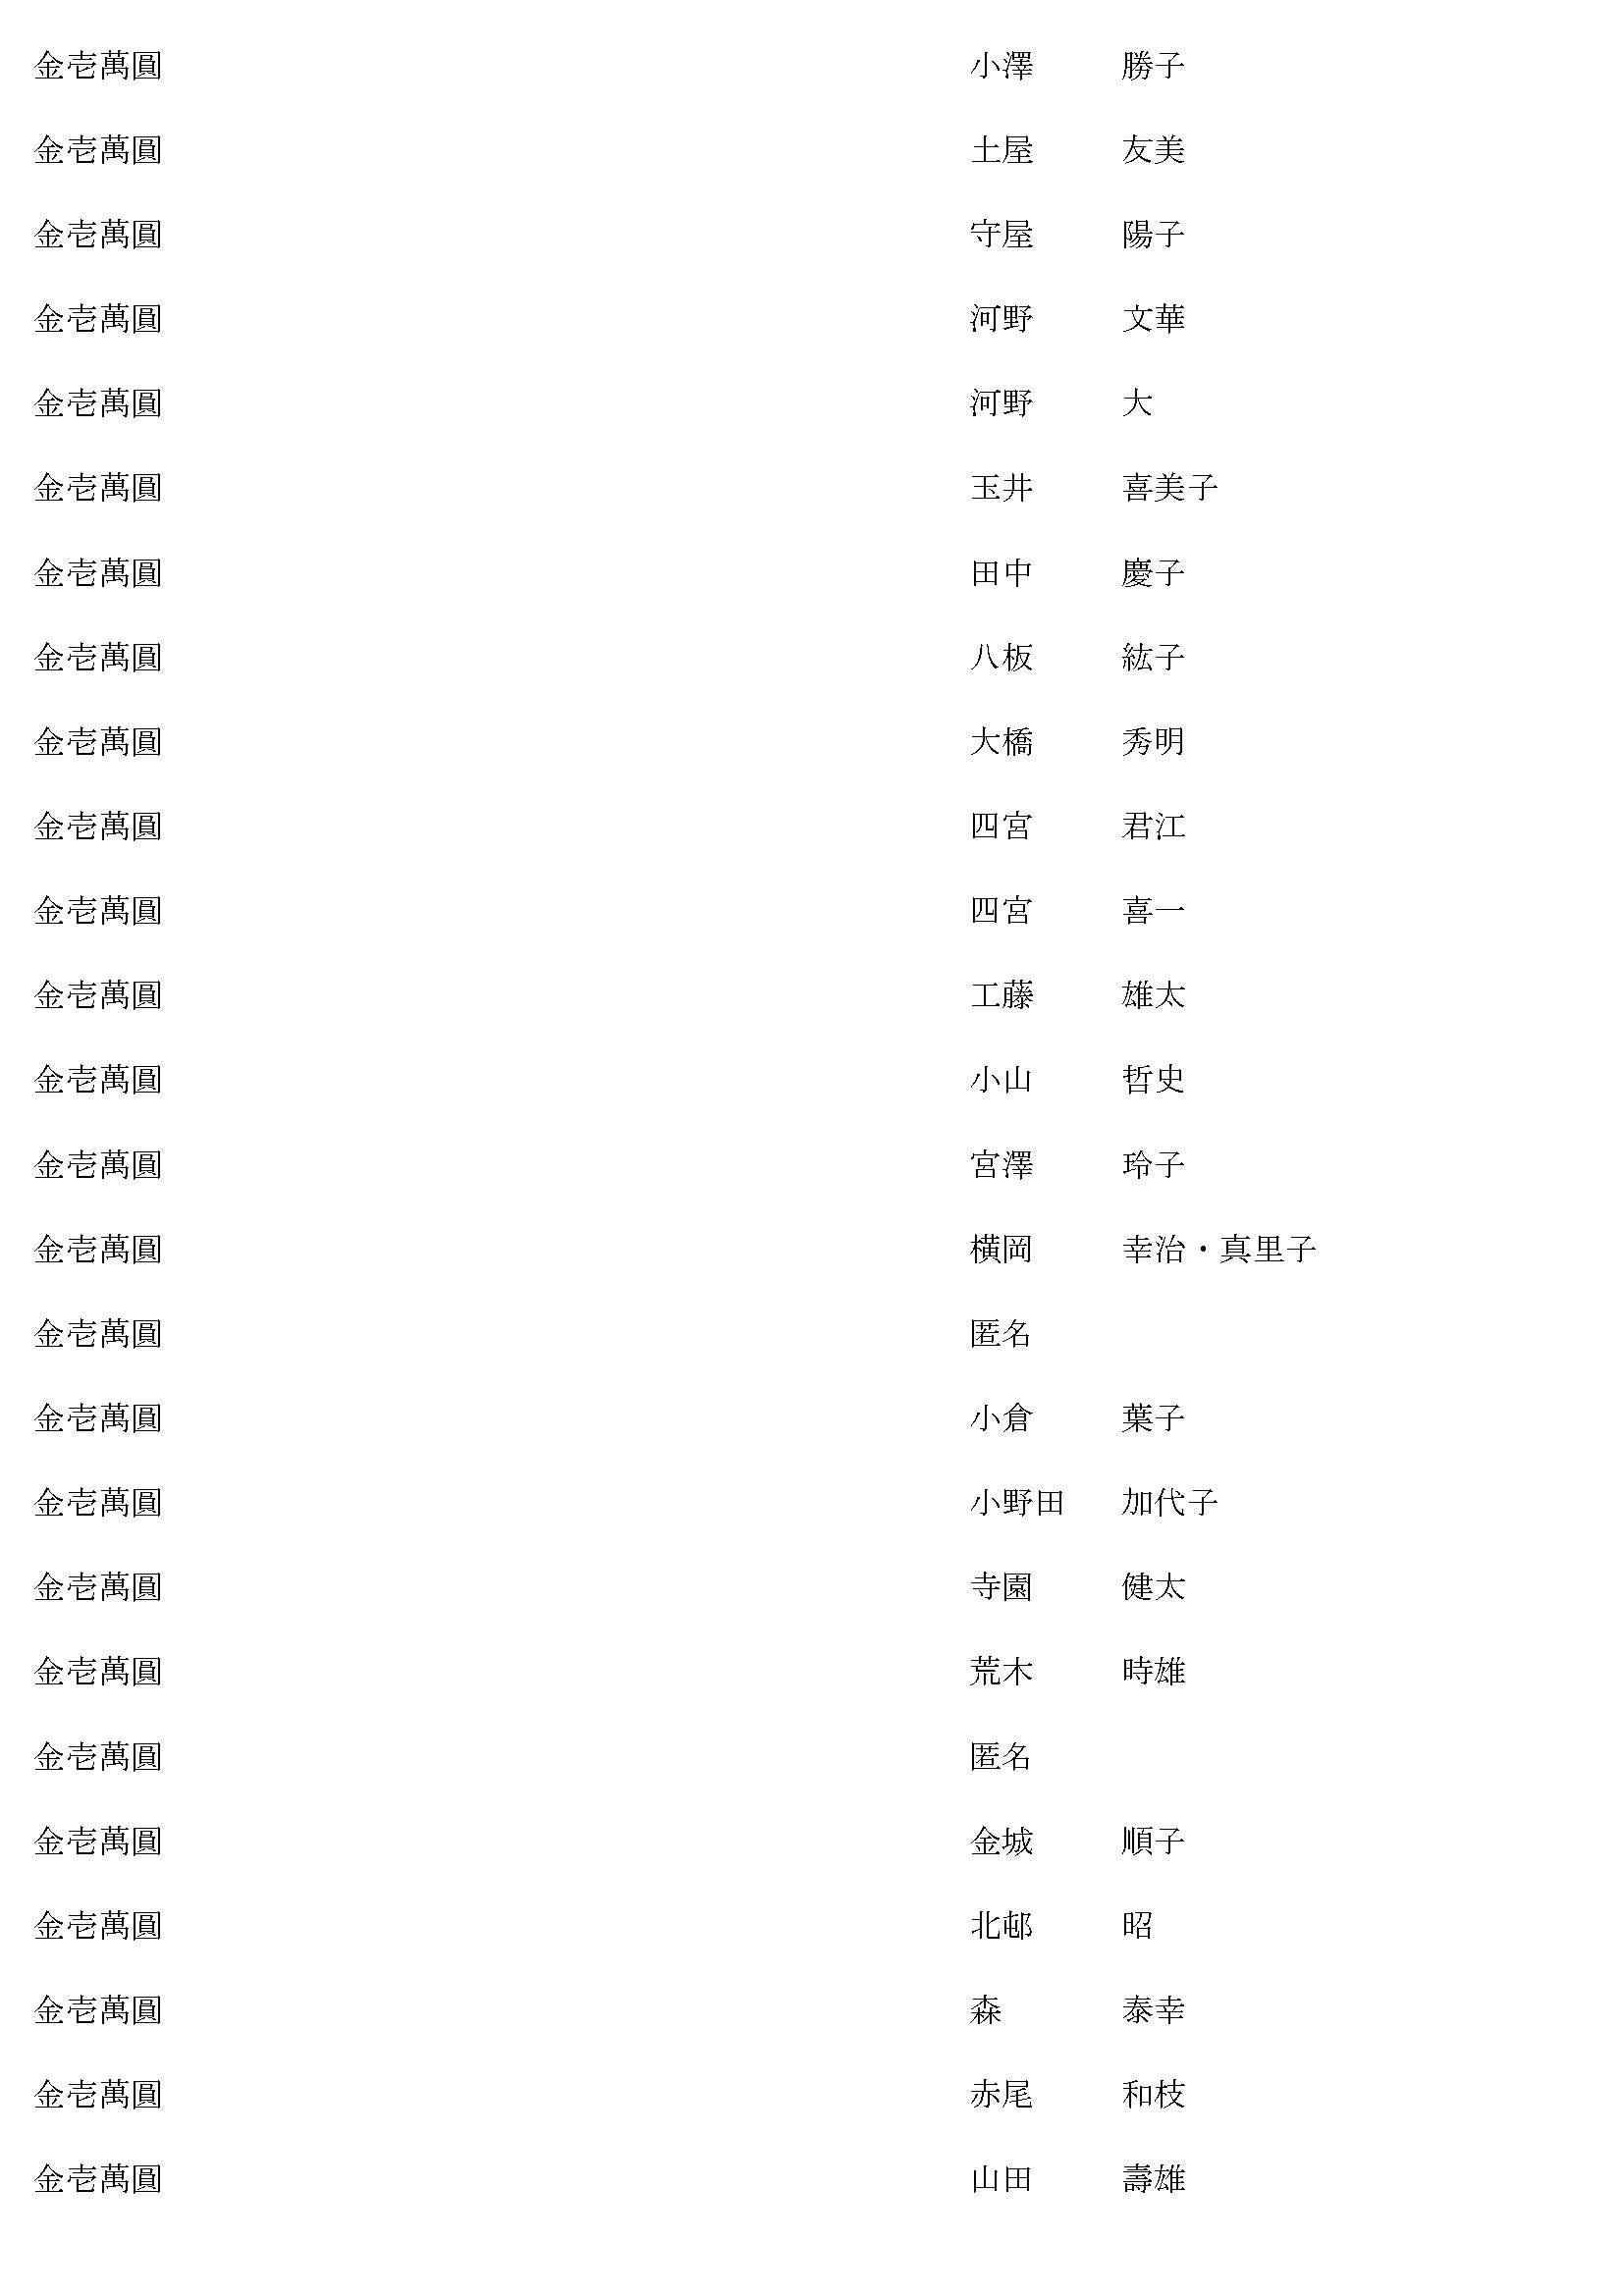 御鎮座七百年記念事業奉賛者御芳名簿16